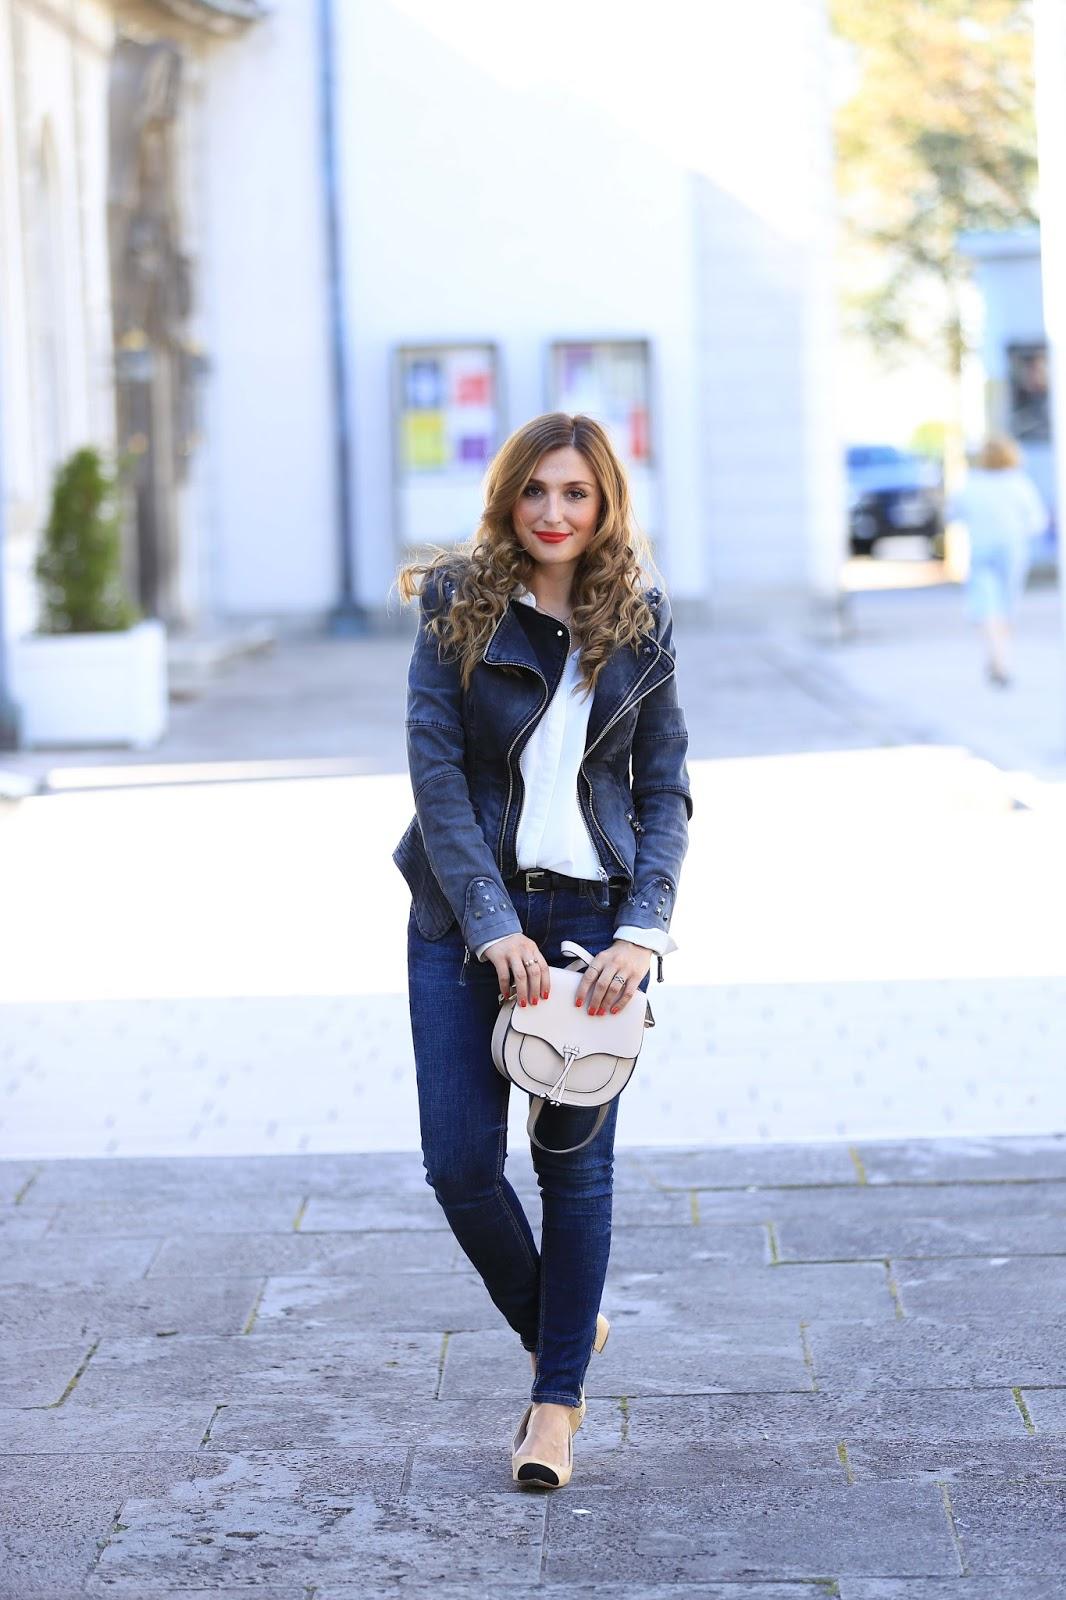 zara-Heels--Schuhe-wie-von-Chanel-Marc-Jacobs-Bag-Edited-Levis-Jeans-Fashionblogger-München-Deutschland-Fashionstylebyjohanna-Fashionblog-braune-Haare-Blogger-mit-Locken